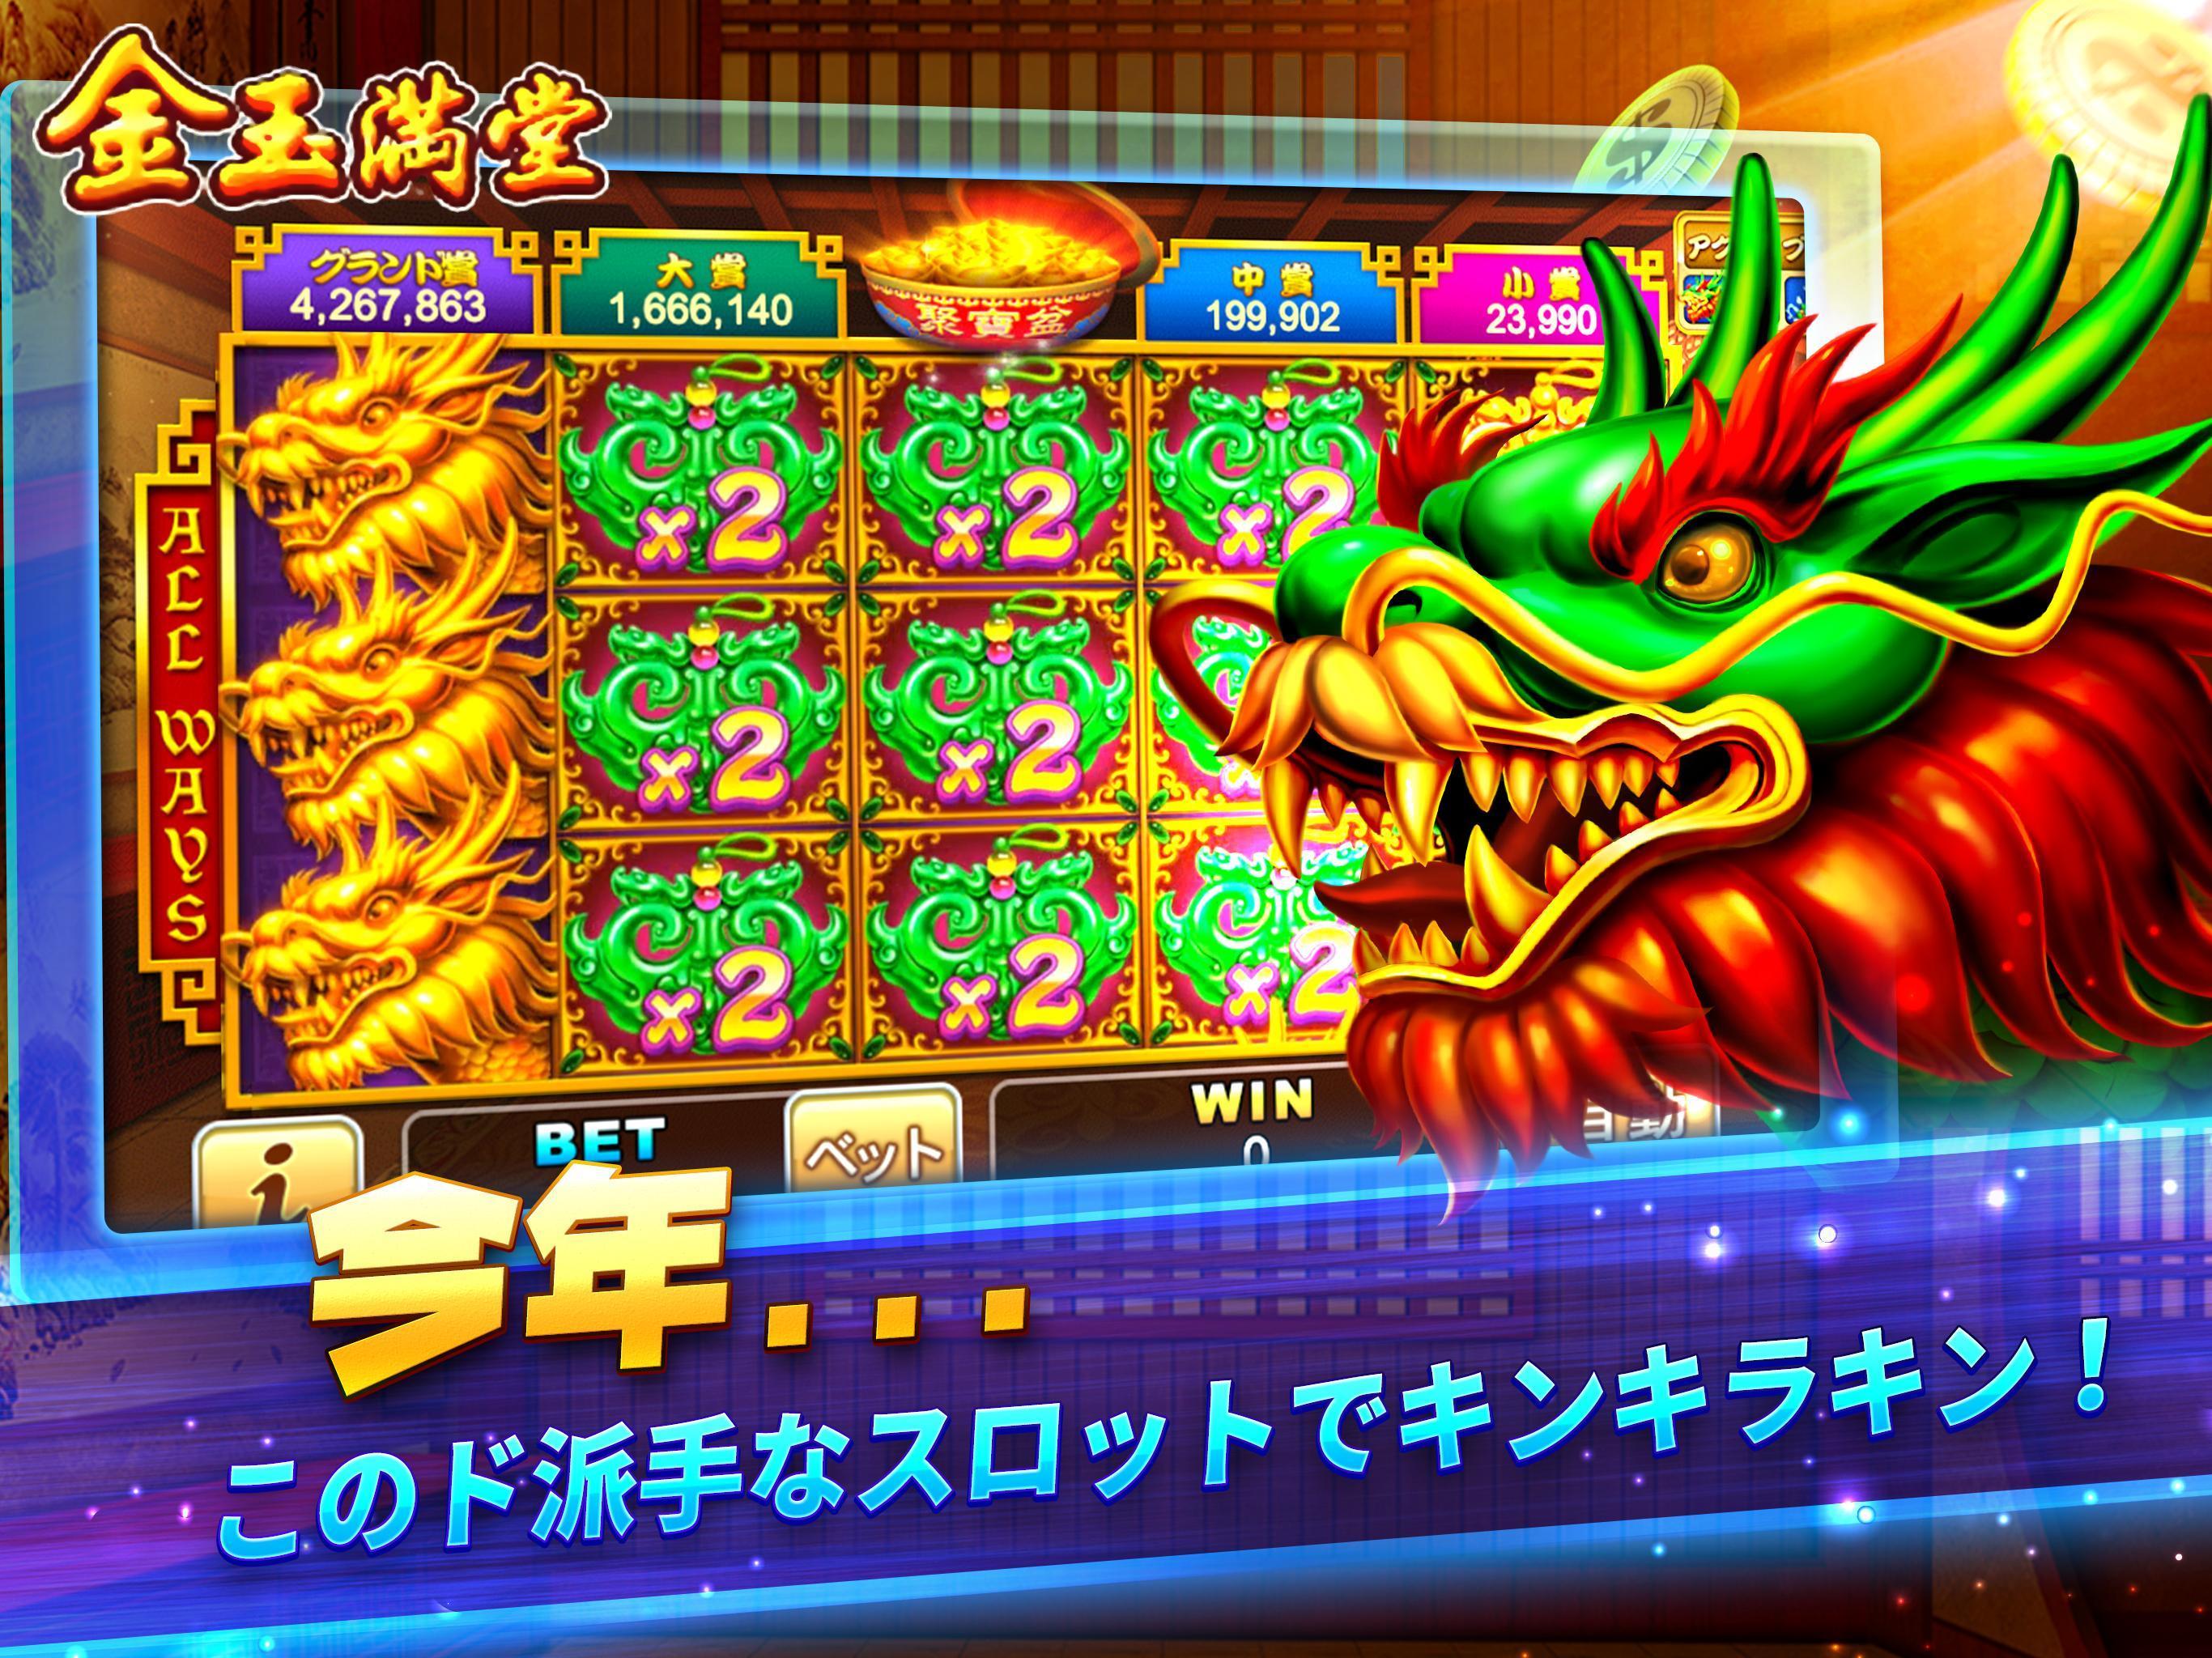 スーパーラッキーカジノ ~ オーシャンモンスター、スロット、サイコロ、ポーカー 3.14.1 Screenshot 14